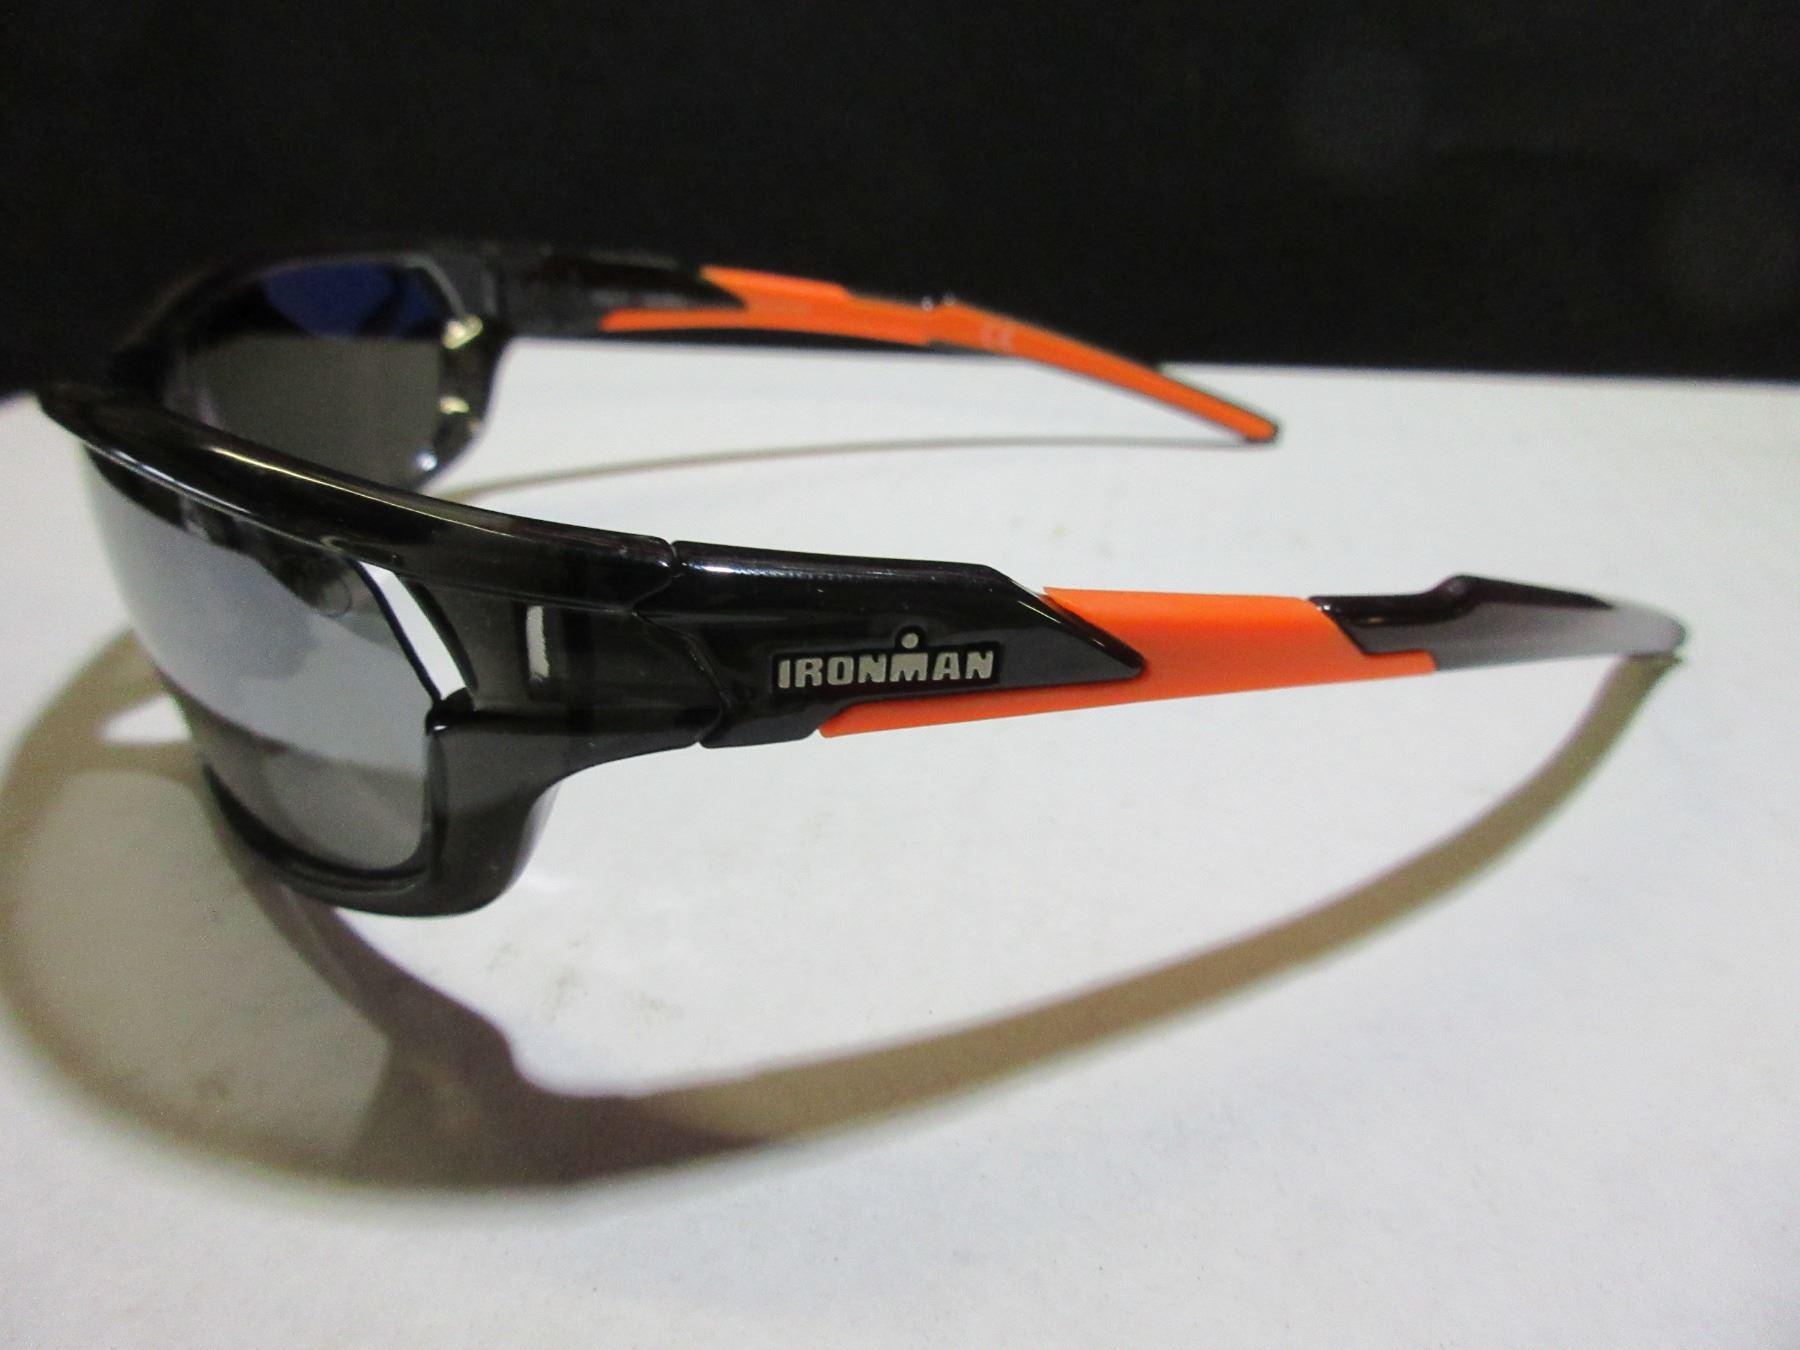 d56542da07 ... Image 2   New Foster Grant Iron Man Sunglasses